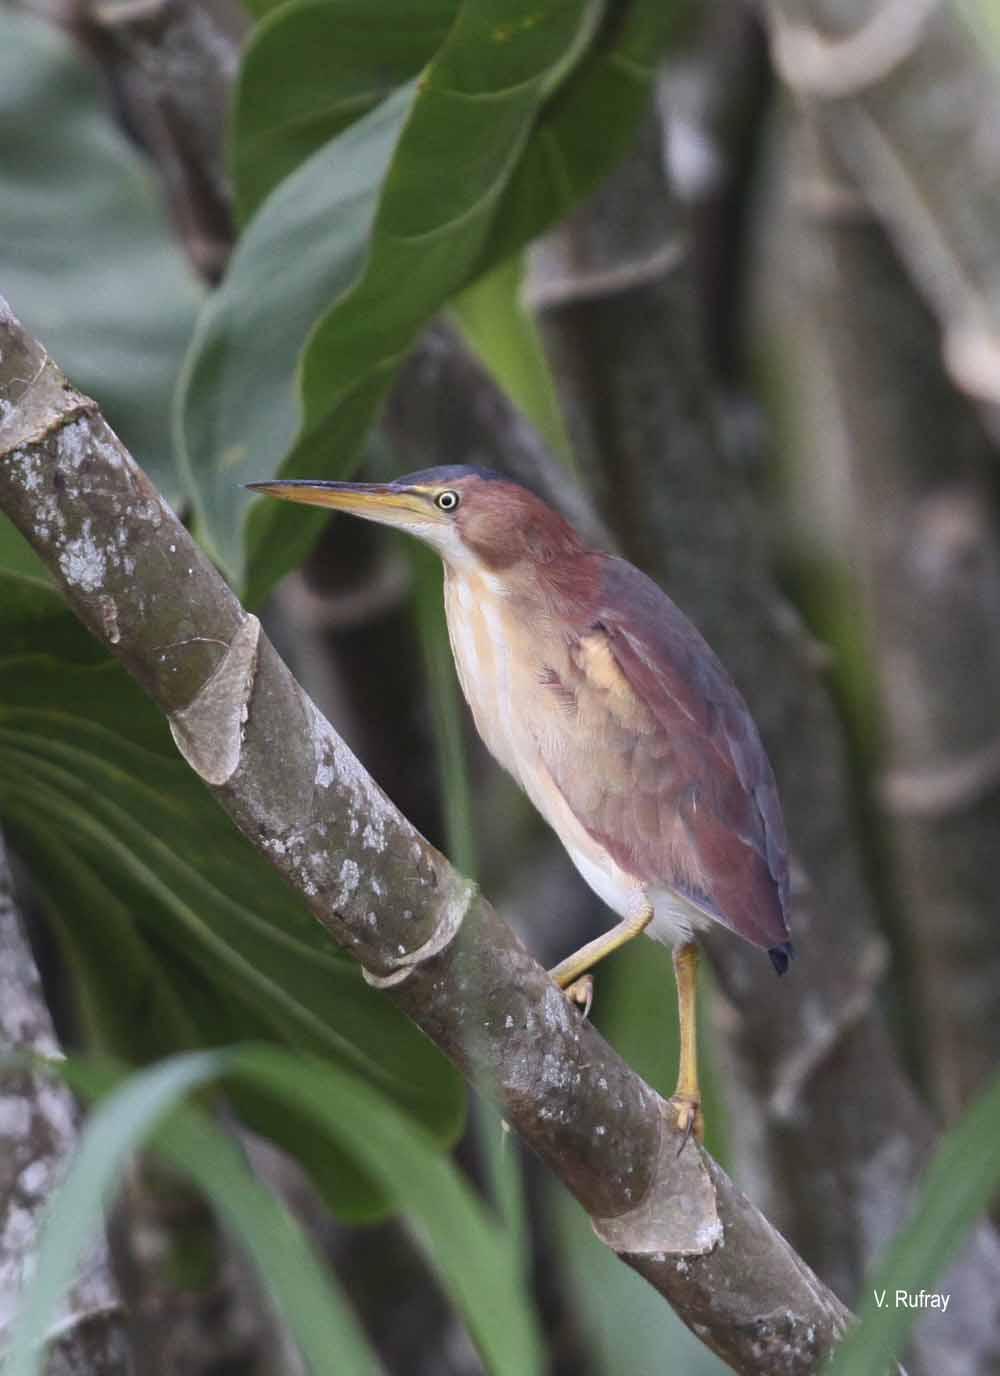 Ixobrychus exilis